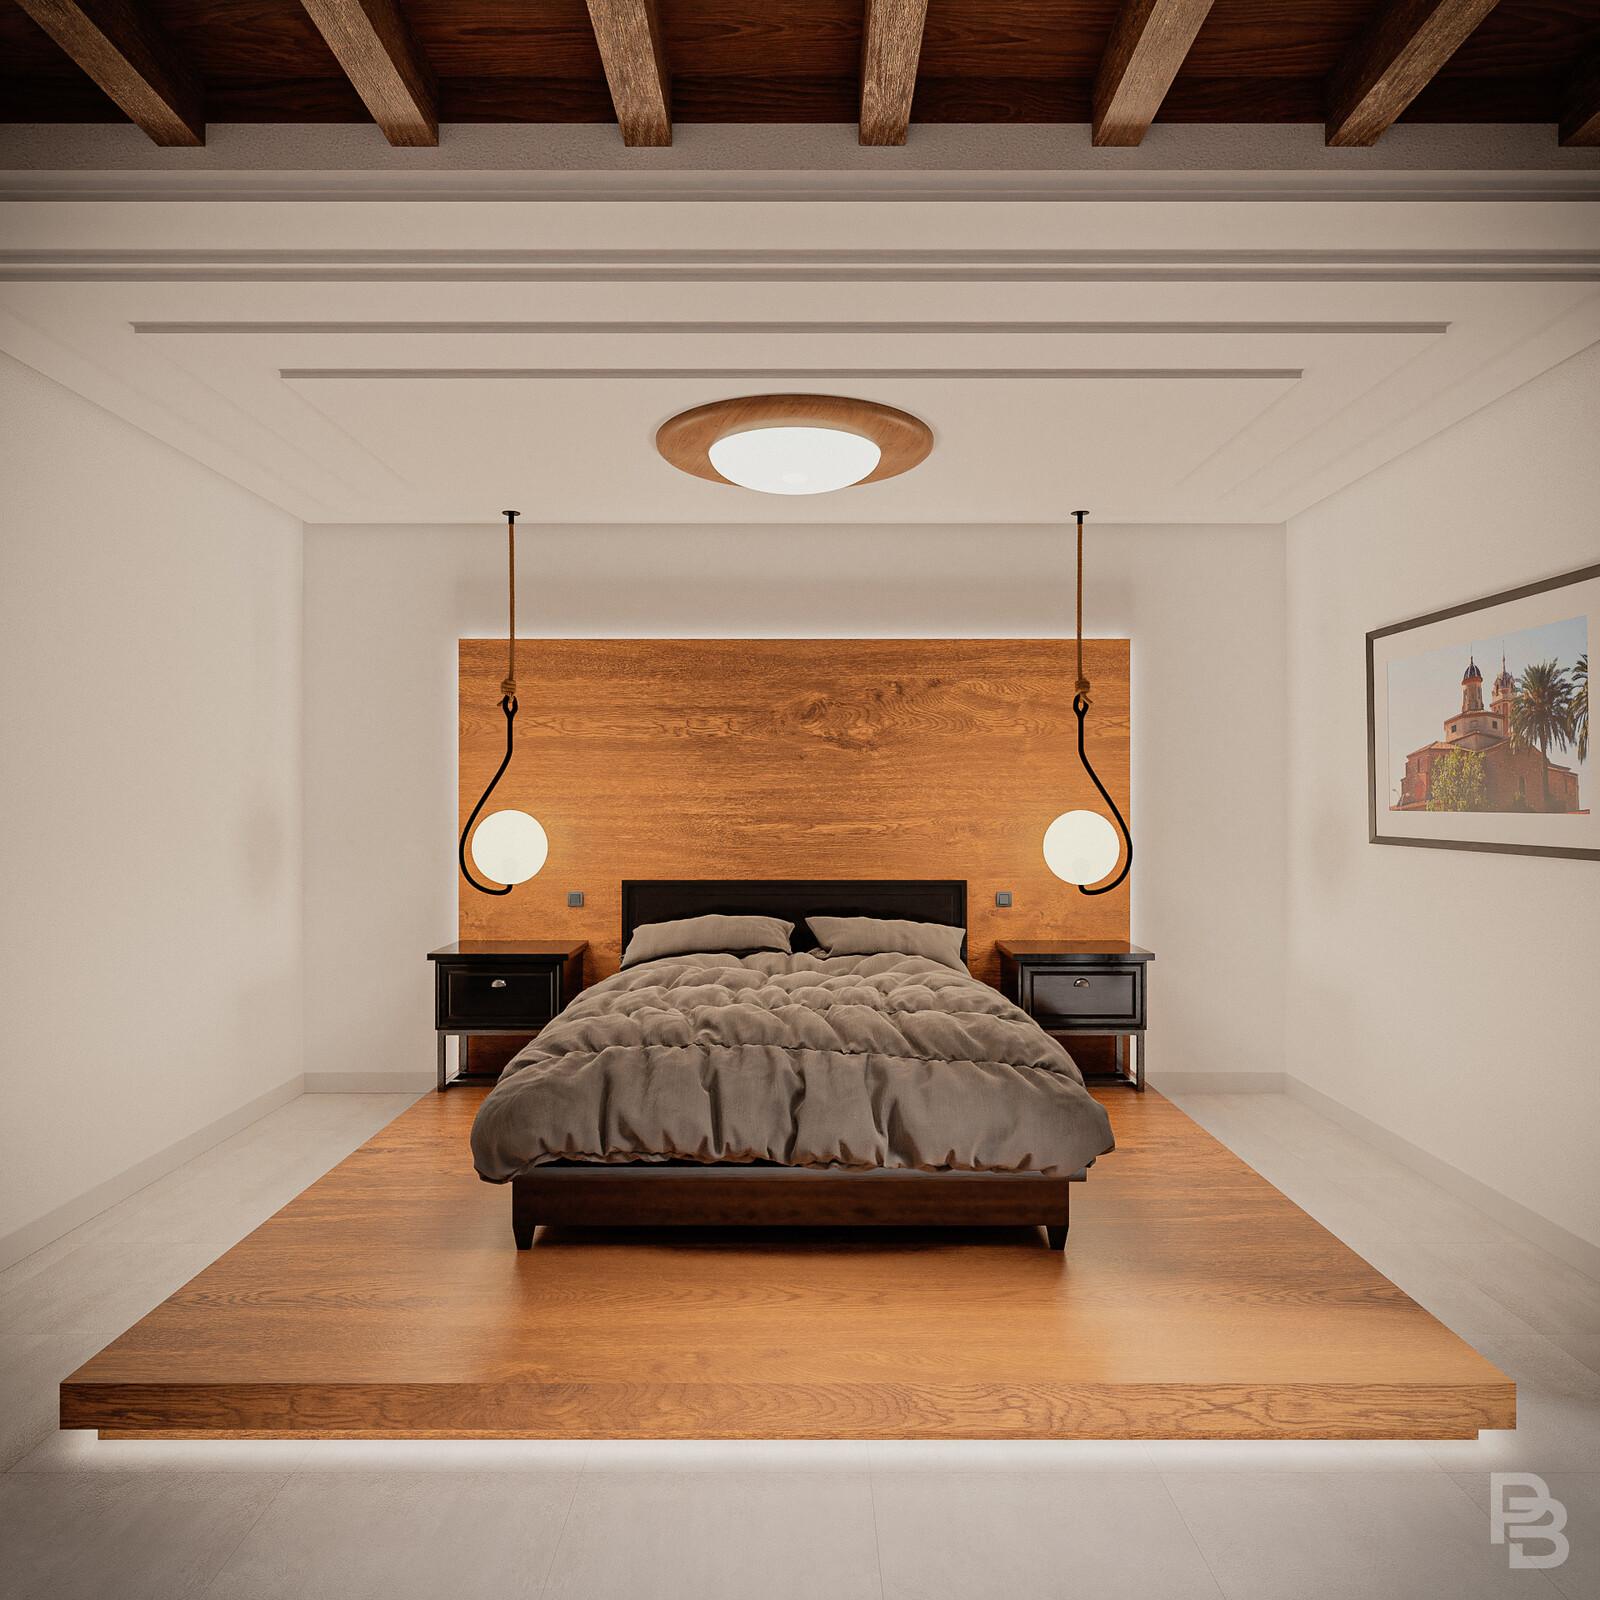 Level room